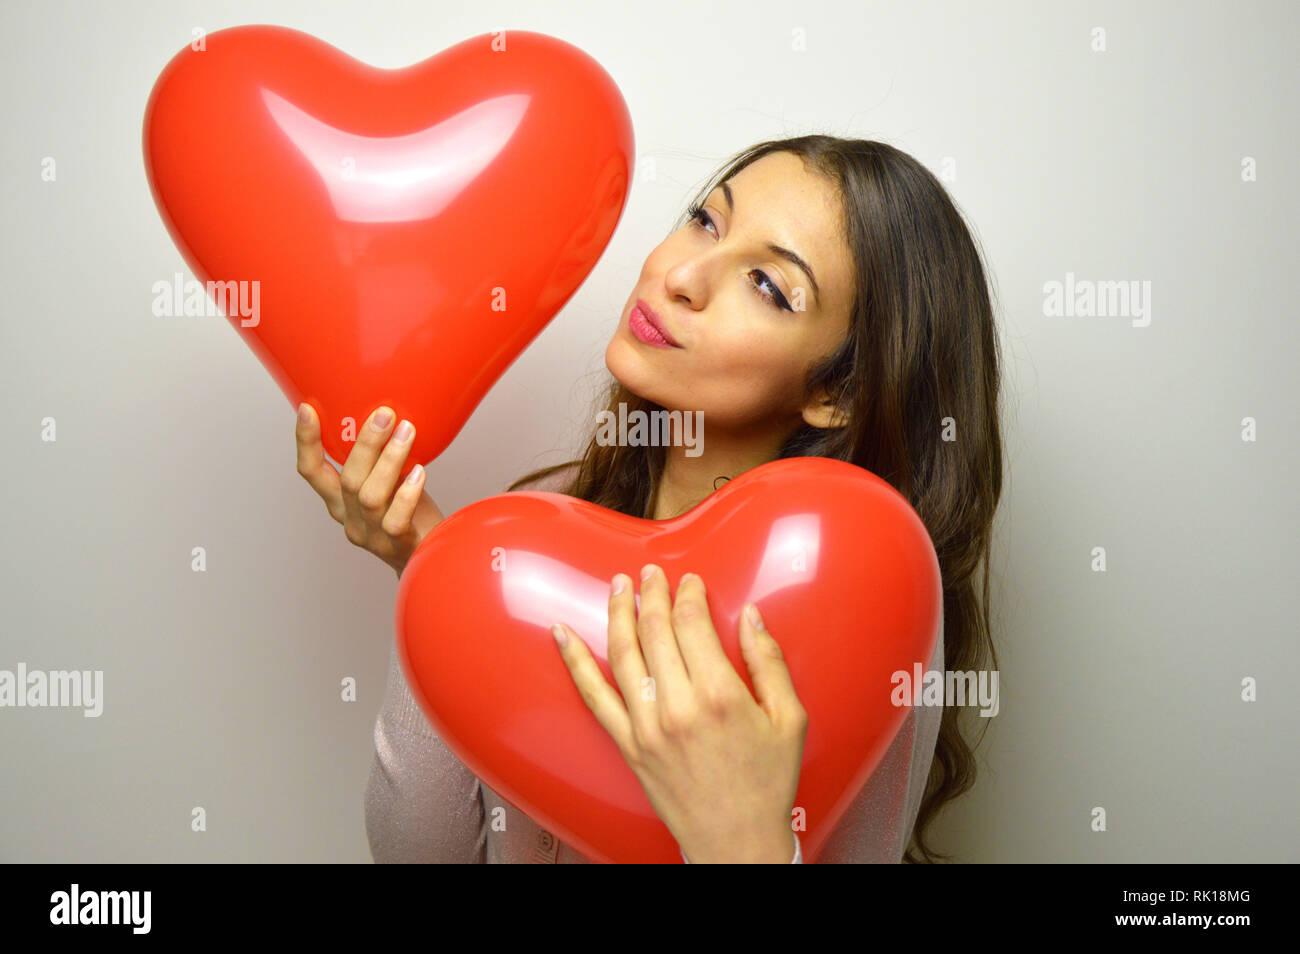 Valentinstag Konzept. Schöne Mädchen küssen herzförmige Ballons und andere in ihren Arm auf grauem Hintergrund. Stockfoto